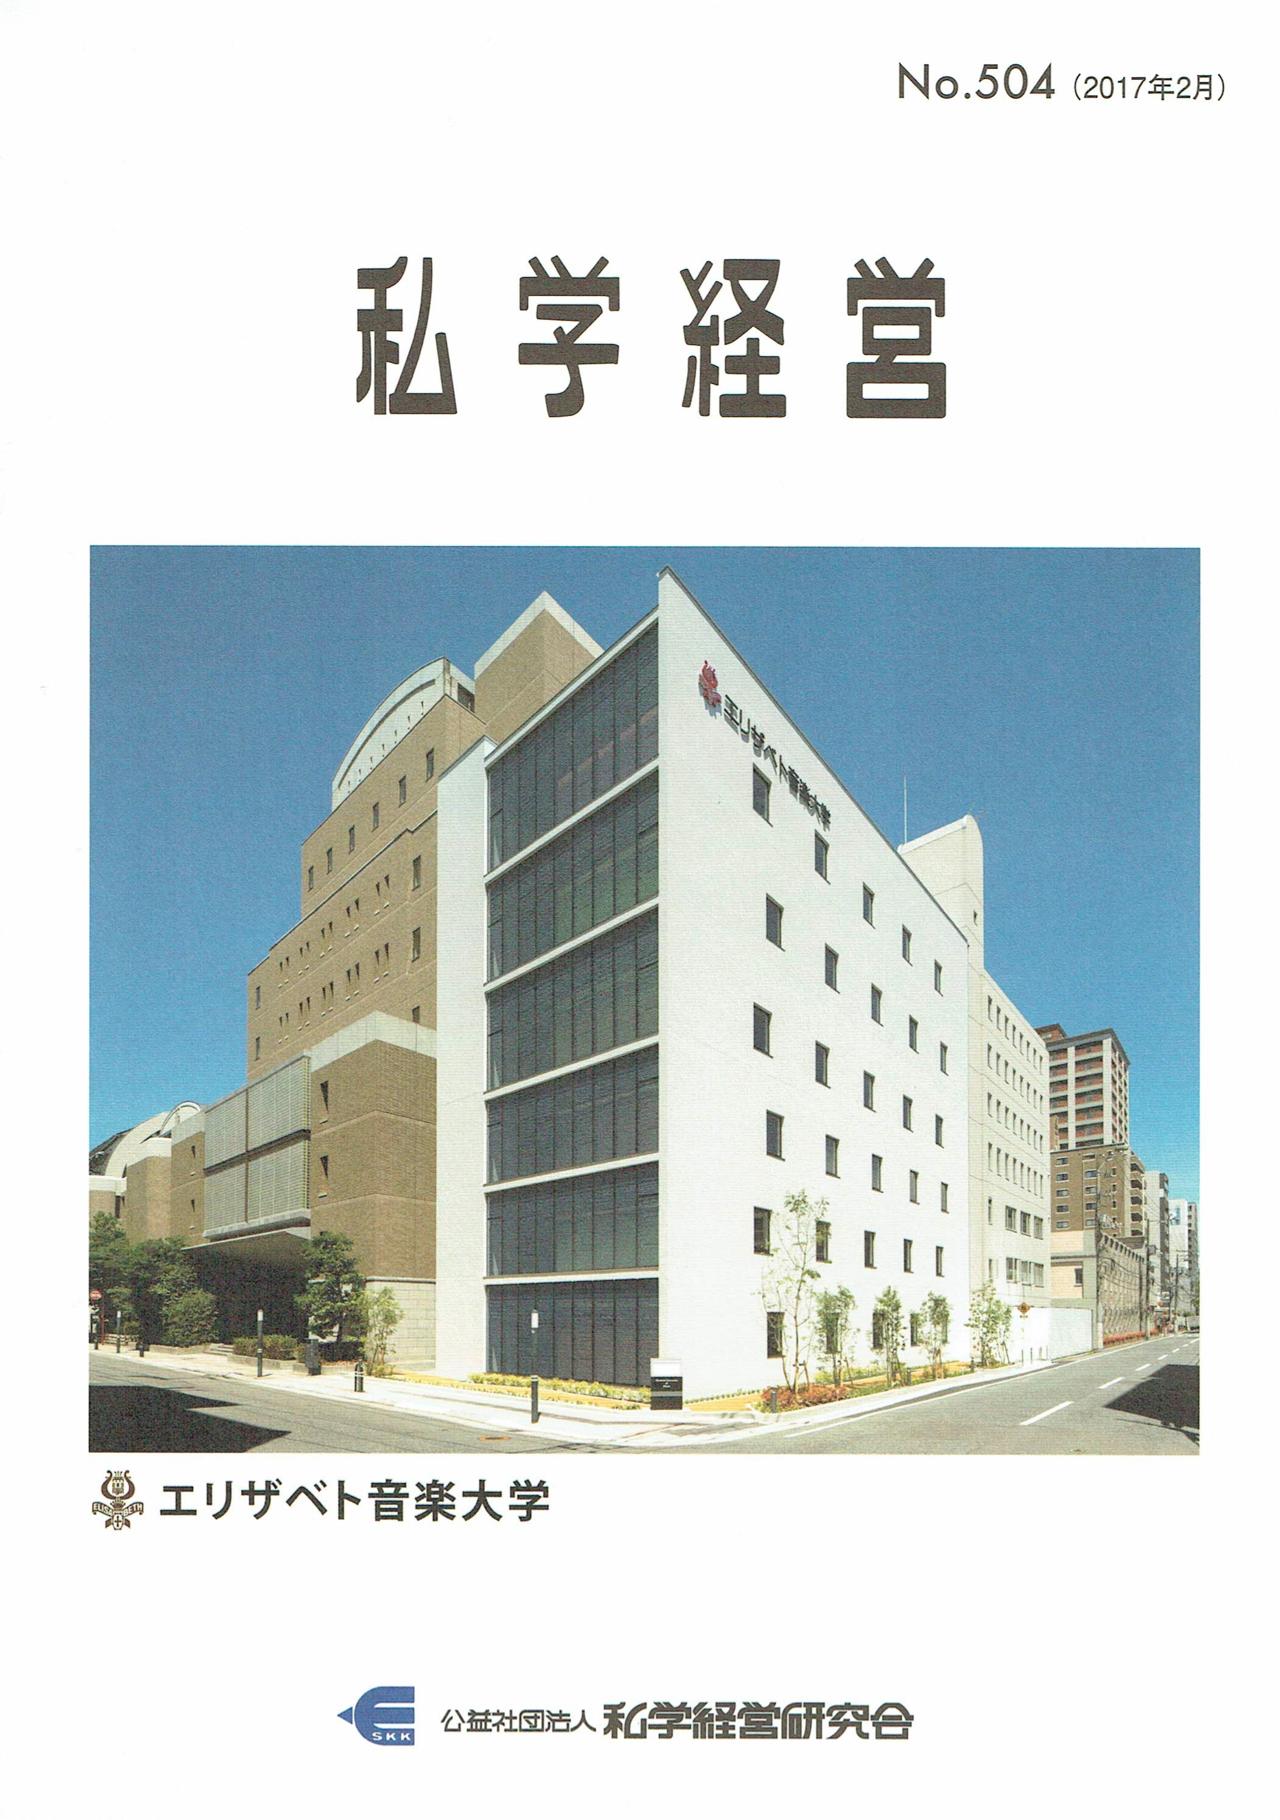 私学経営研究会「私学経営 No.504」論文表紙